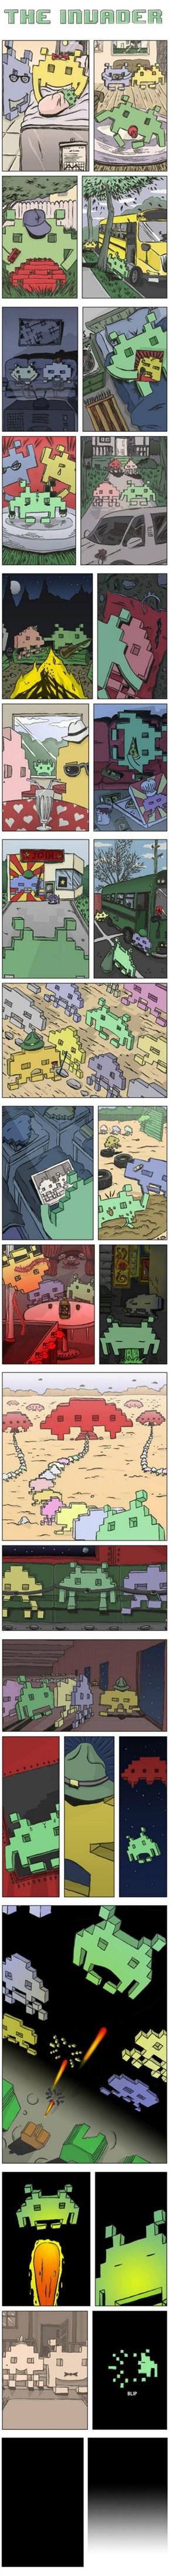 Historia con final triste